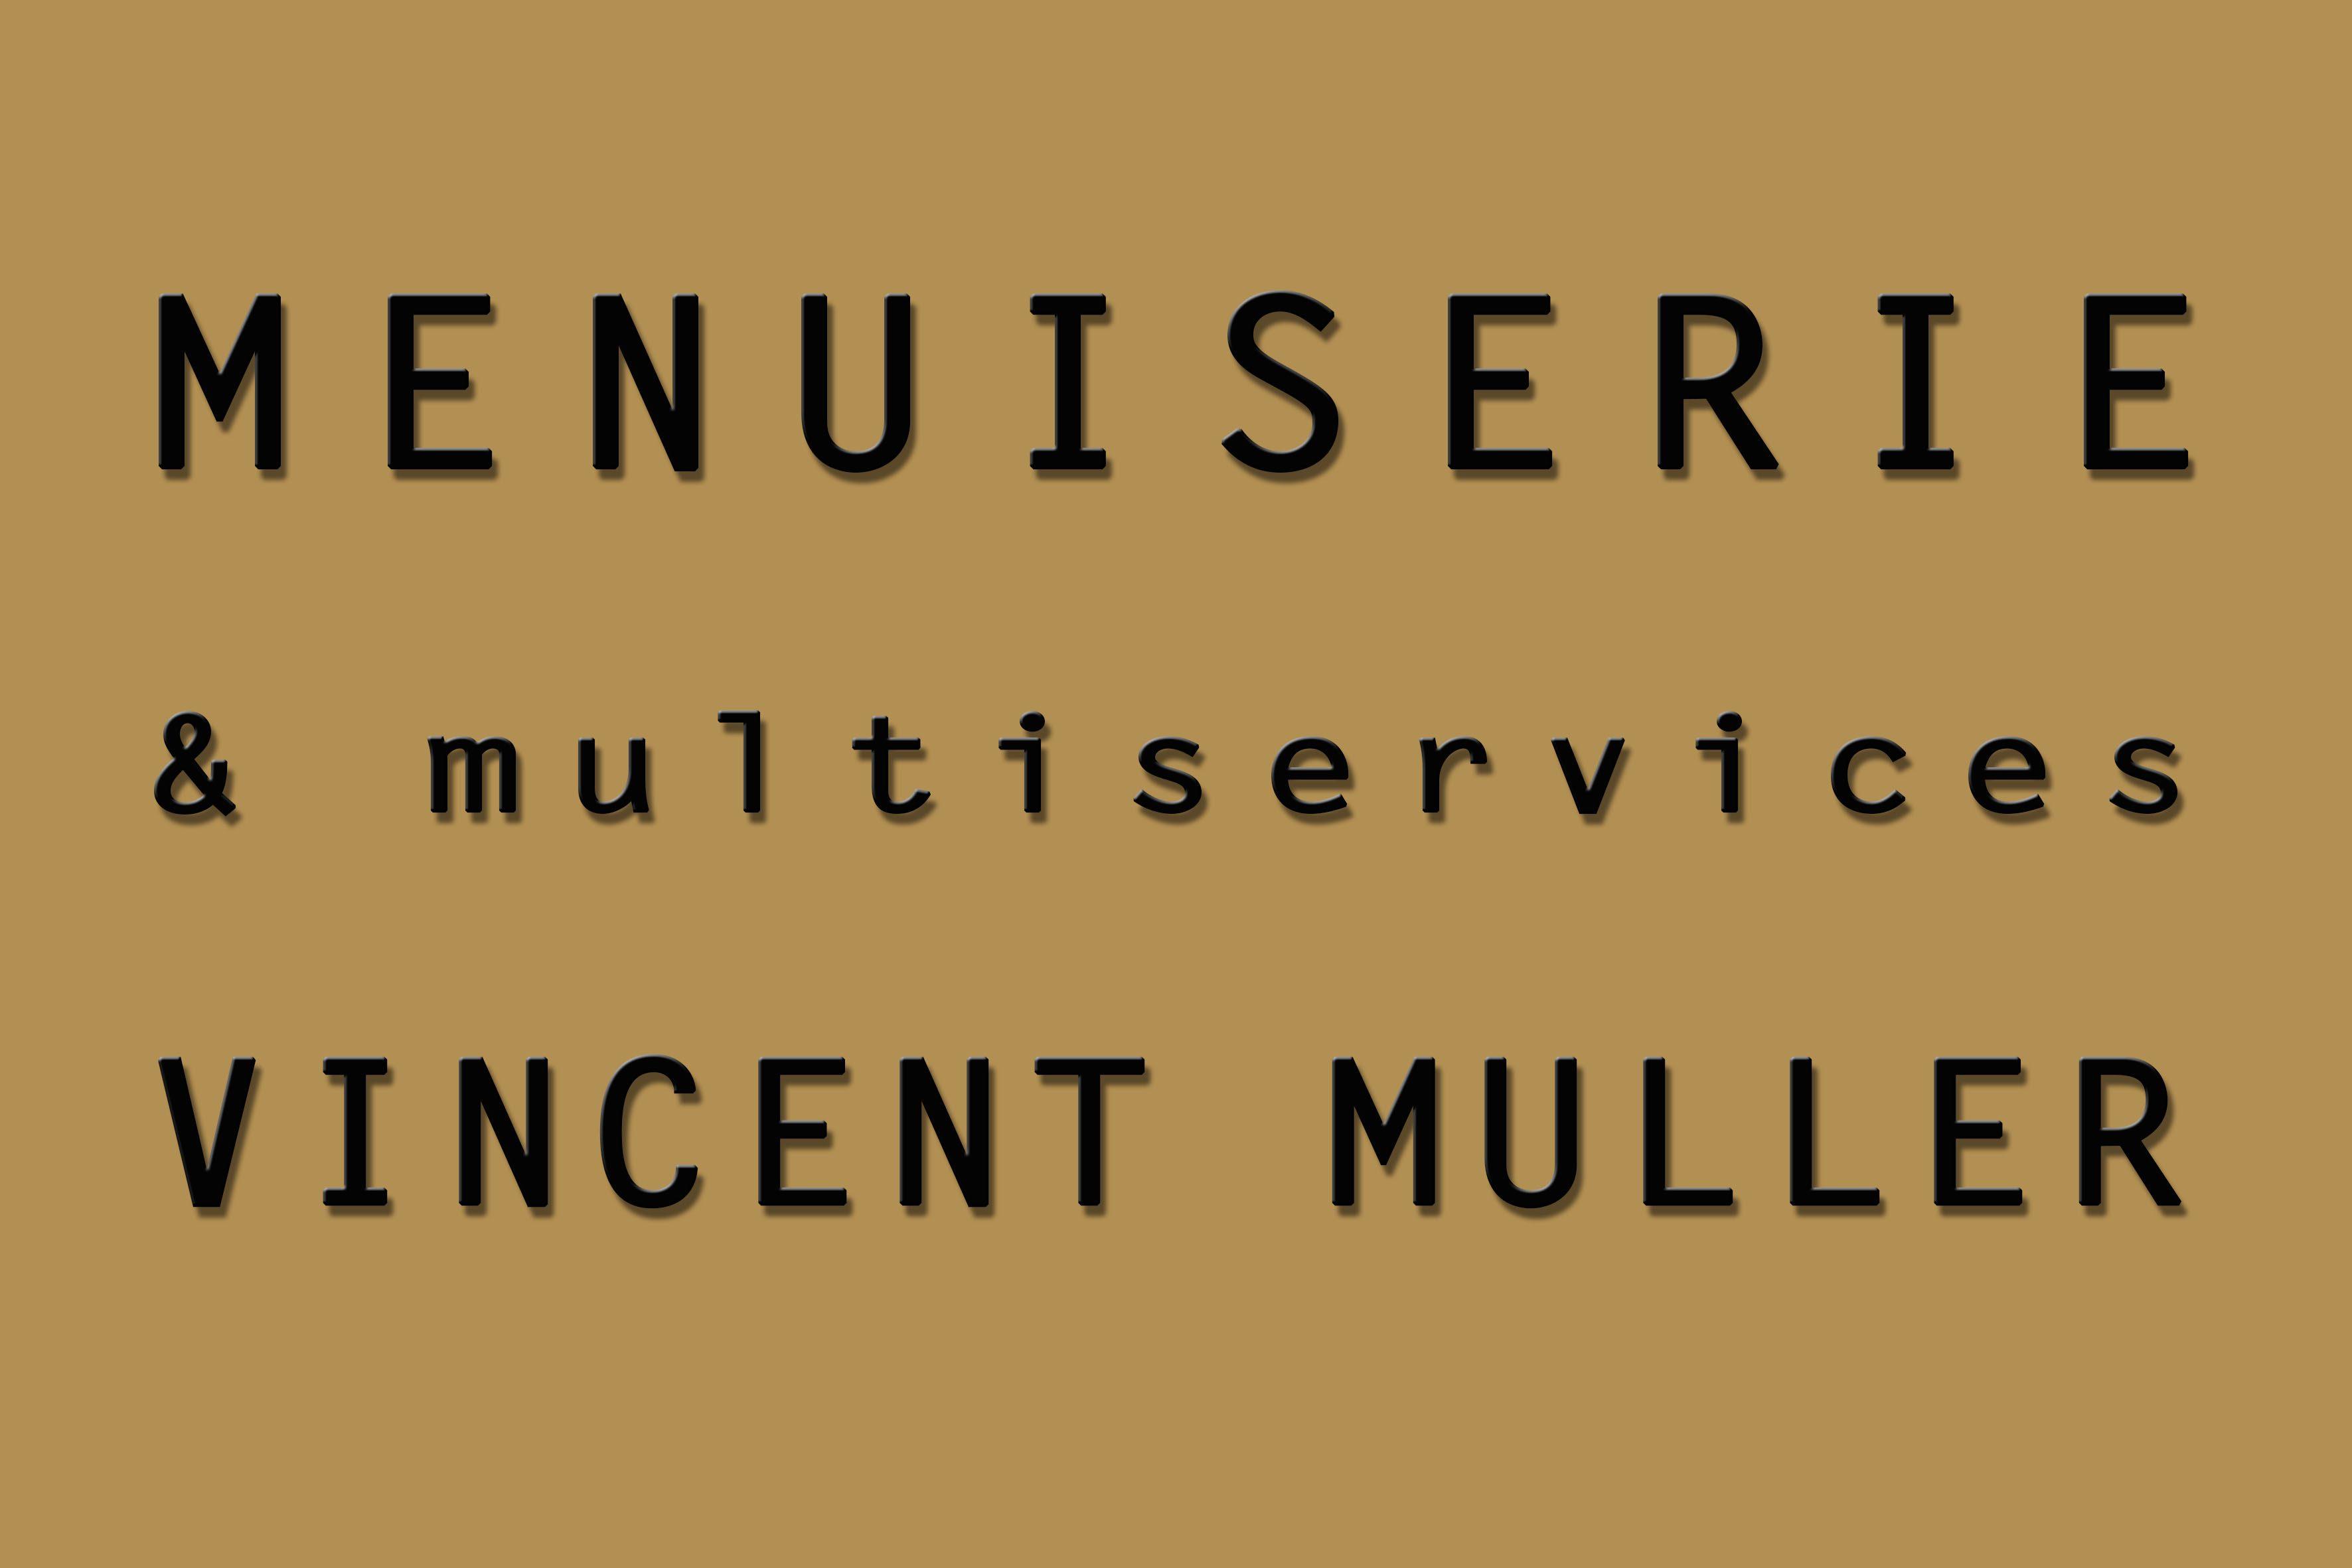 Menuiserie et Multiservices